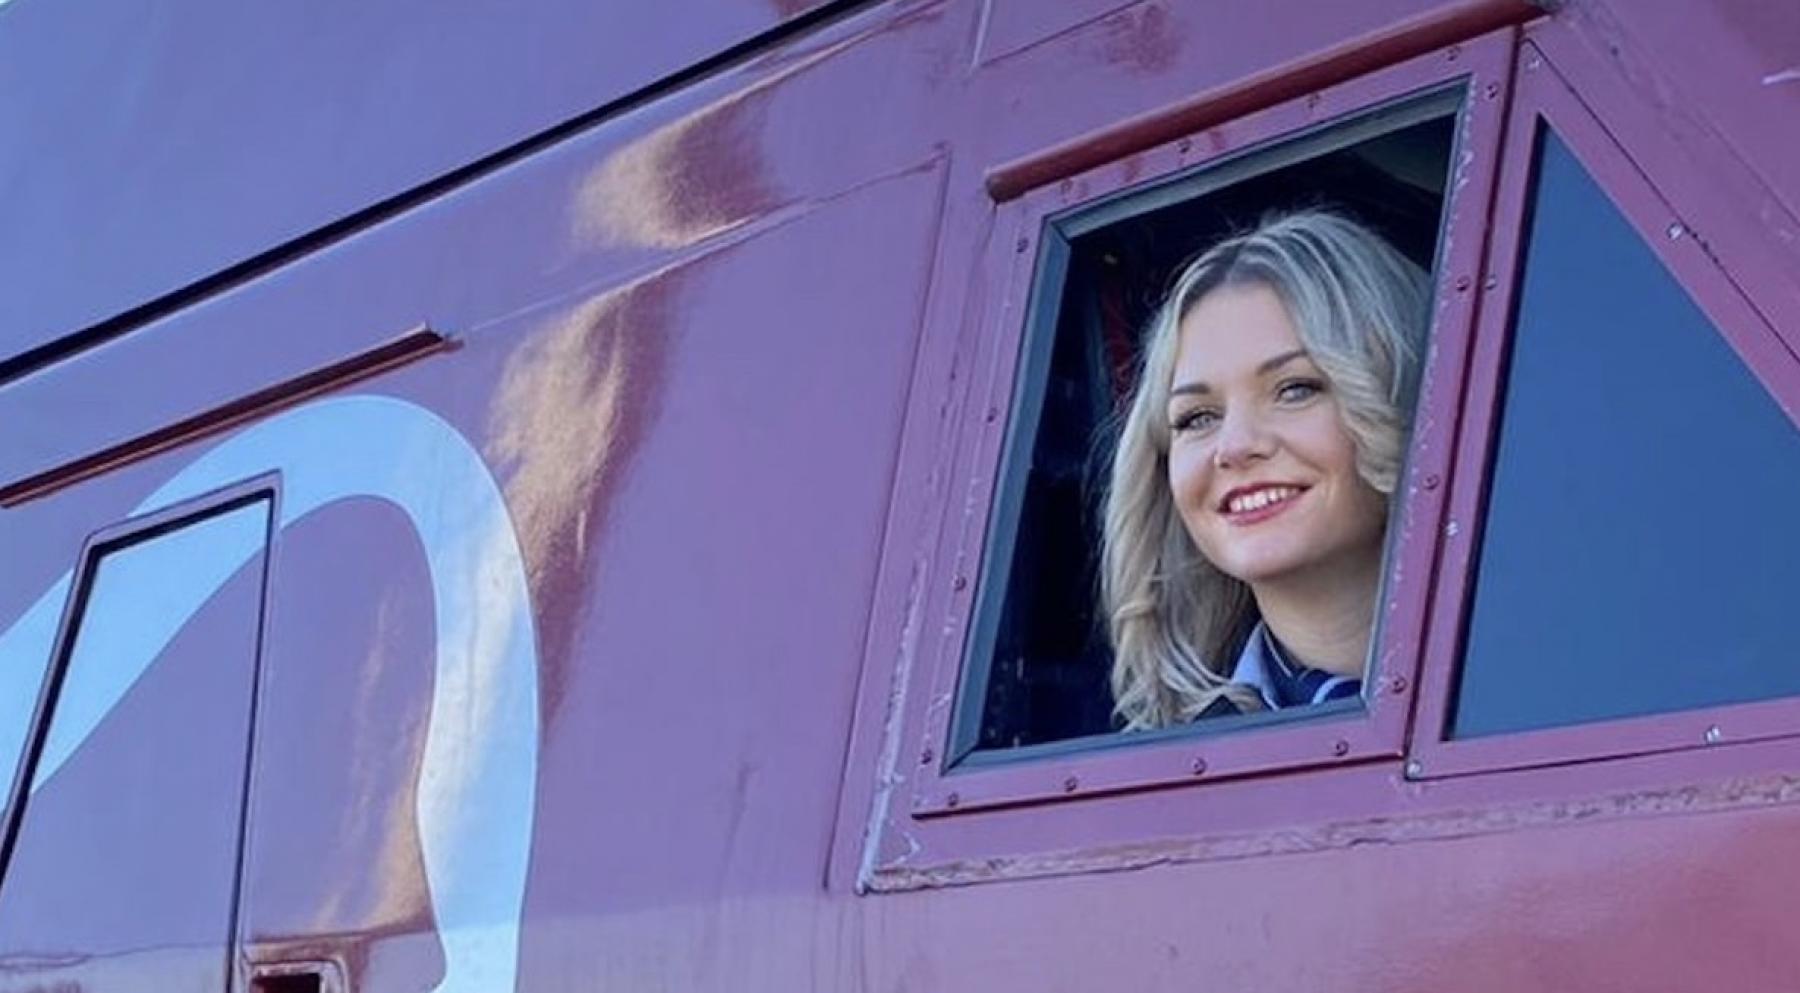 Chloe is de eerste vrouwelijke Thalys-machinist in Nederland: 'Ik begrijp niet waarom ik de enige ben'